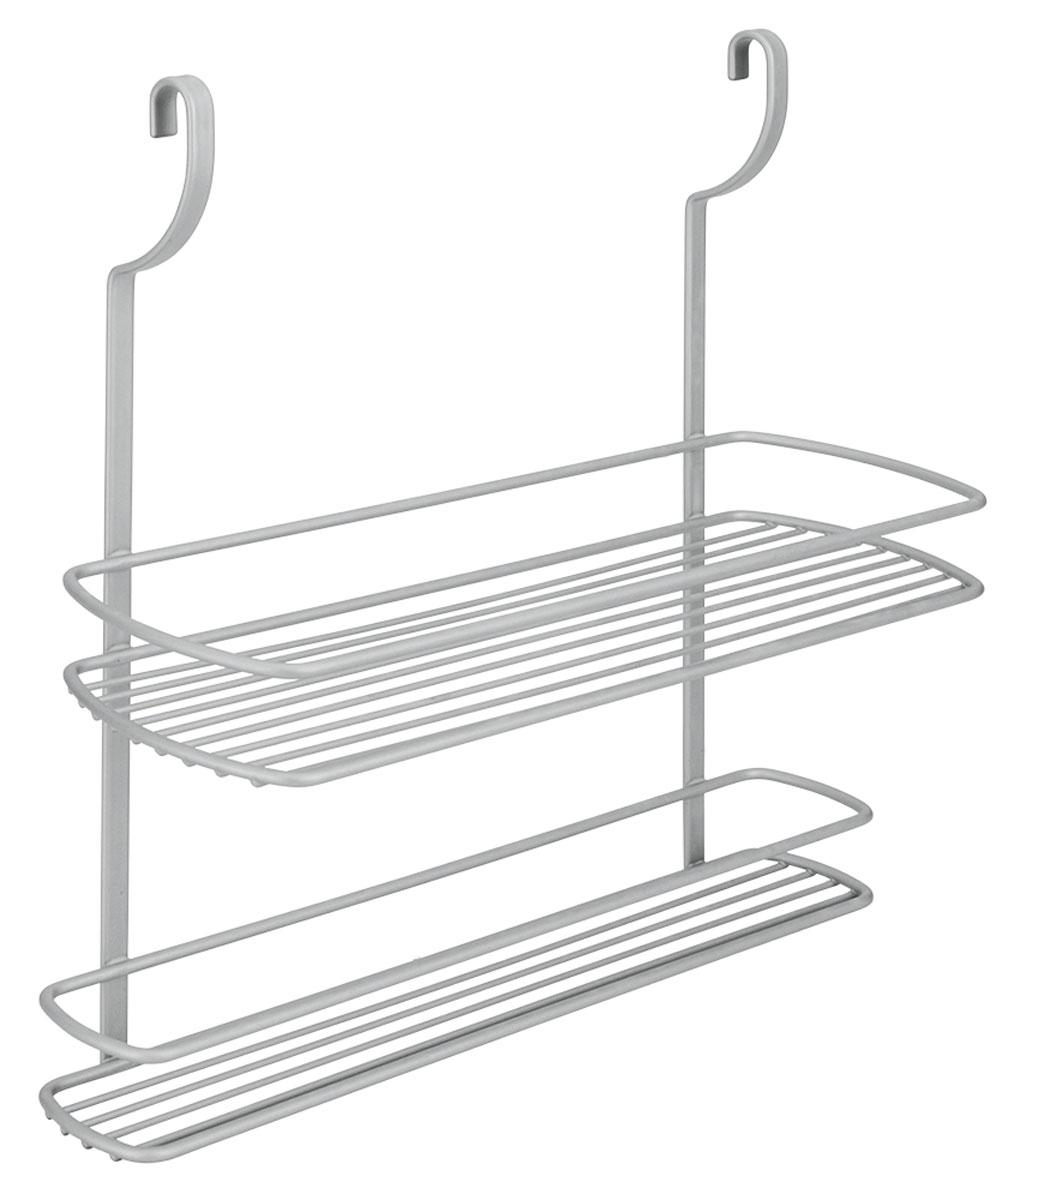 Полка навесная Metaltex City, двухъярусная, 35 х 13 х 38 см35.07.12Навесная двухъярусная полка Metaltex City изготовлена из стали и покрыта новым полимерным покрытием Frost Polytherm. Такая полка не только экономит место на вашей кухне, но и обеспечивает наглядность, порядок и удобный доступ к кухонным принадлежностям.Современный дизайн делает ее практичным и стильным домашним аксессуаром. Она пригодится для хранения различных кухонных или других принадлежностей, которые всегда будут под рукой.Полка устанавливается на рейлинг с помощь двух крючков.